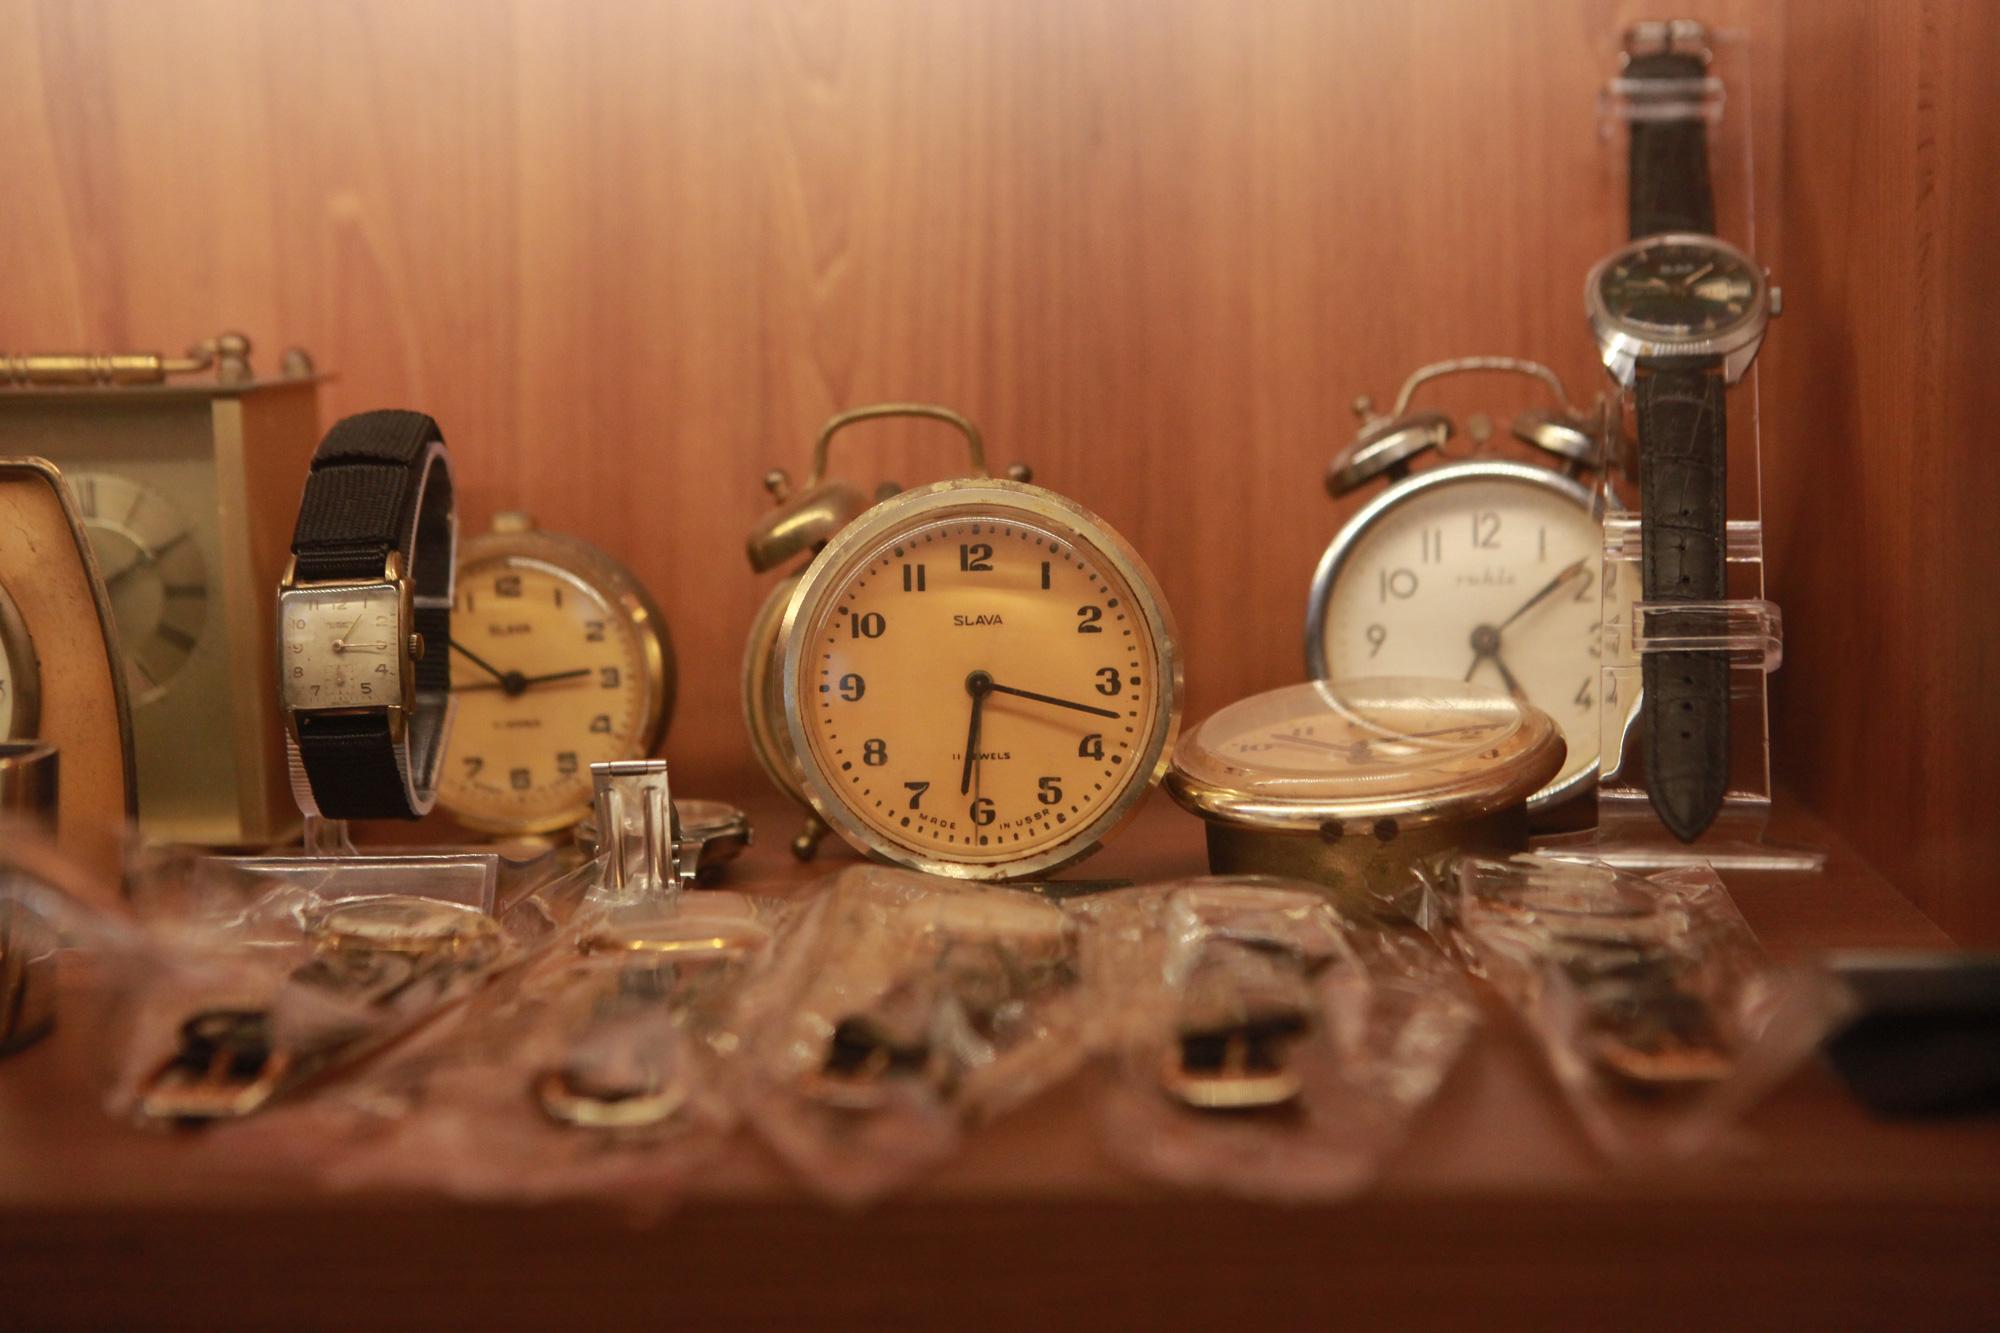 """Ông lão Hà thành và bộ sưu tập đồng hồ """"cực khủng"""", đặc biệt có chiếc có khả năng dự báo... """"bão"""" - Ảnh 9."""